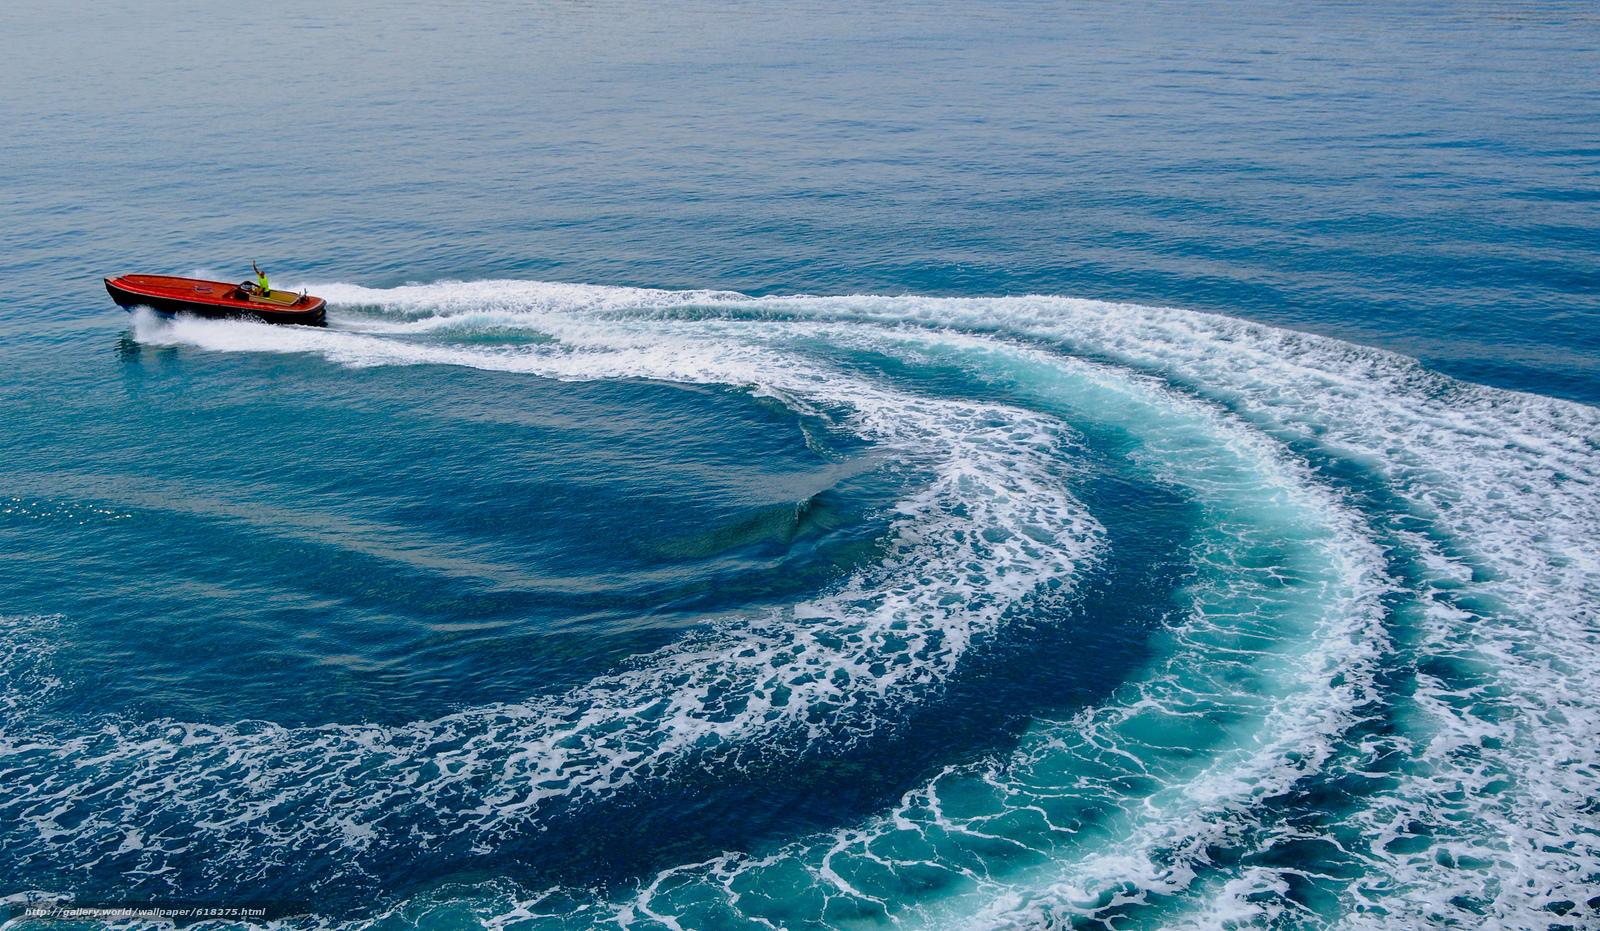 Скачать обои Gulf of Lion,  Лионский залив,  море,  катер бесплатно для рабочего стола в разрешении 2048x1192 — картинка №618275